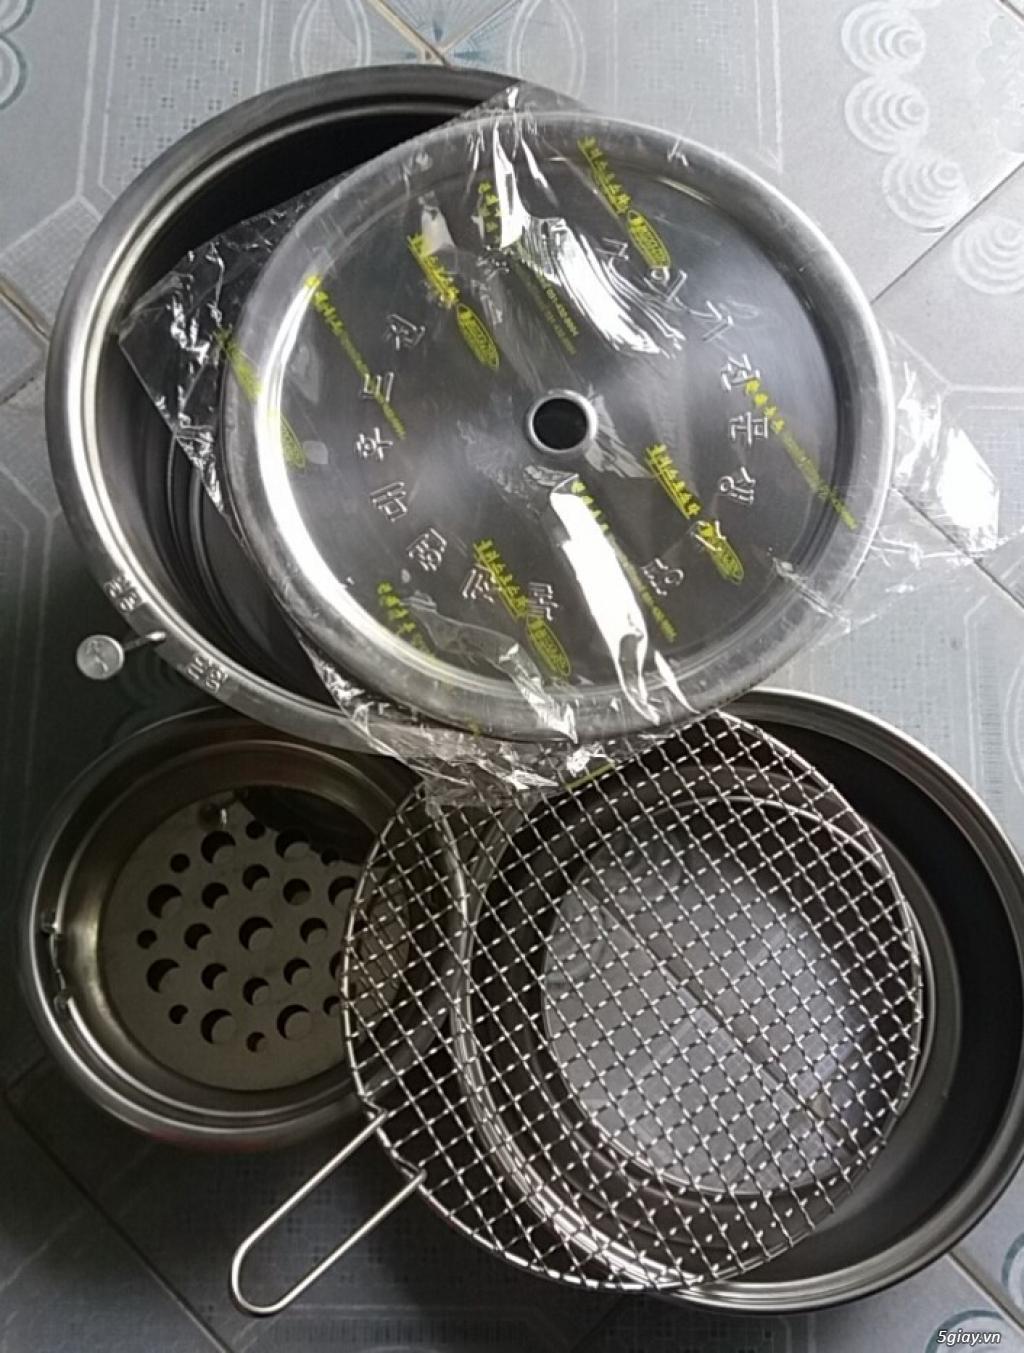 Cung cấp các loại bếp nướng than hoa không khói giá rẻ tại hà nội - 12